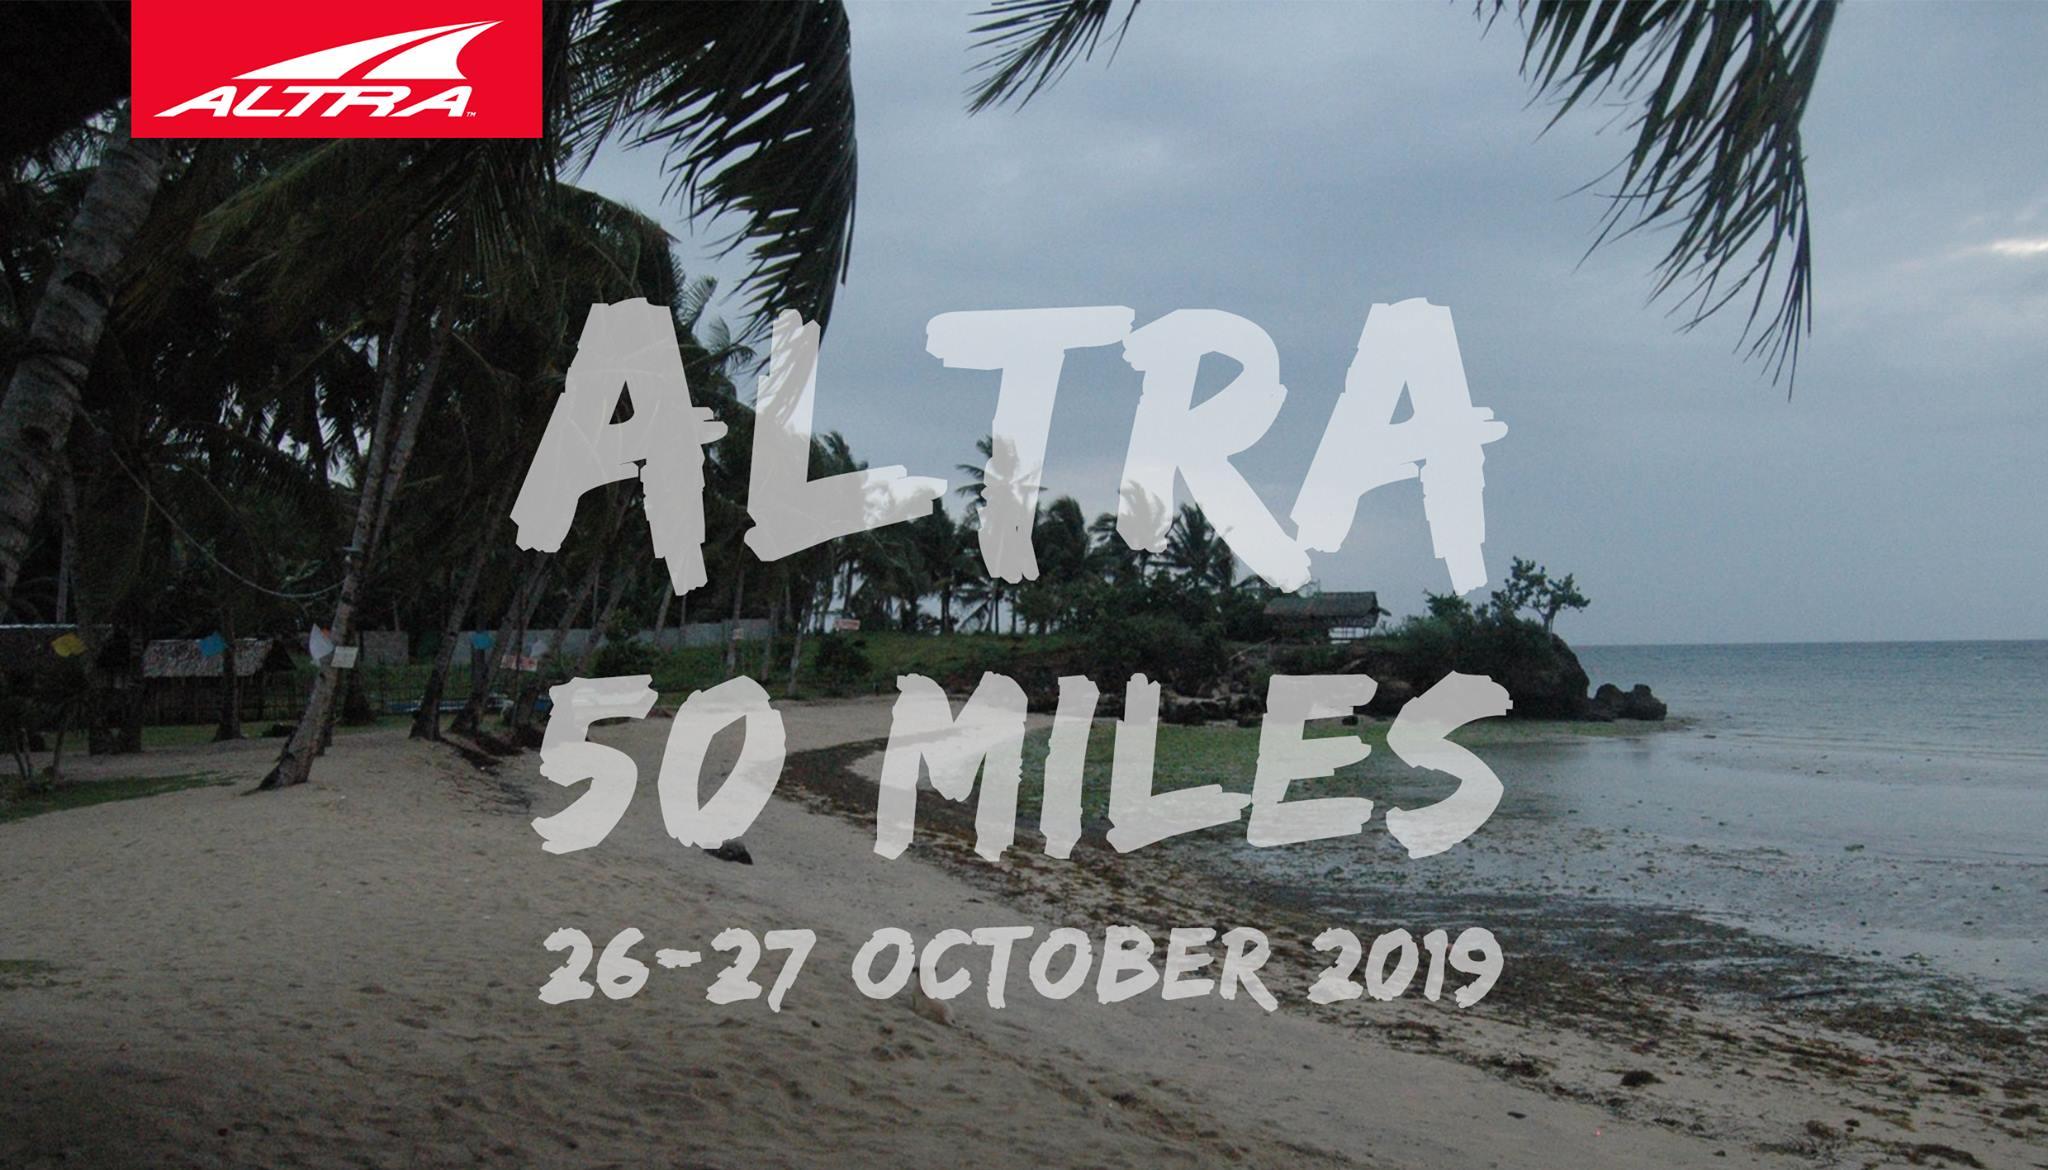 ALTRA 50 MILES - Cebu